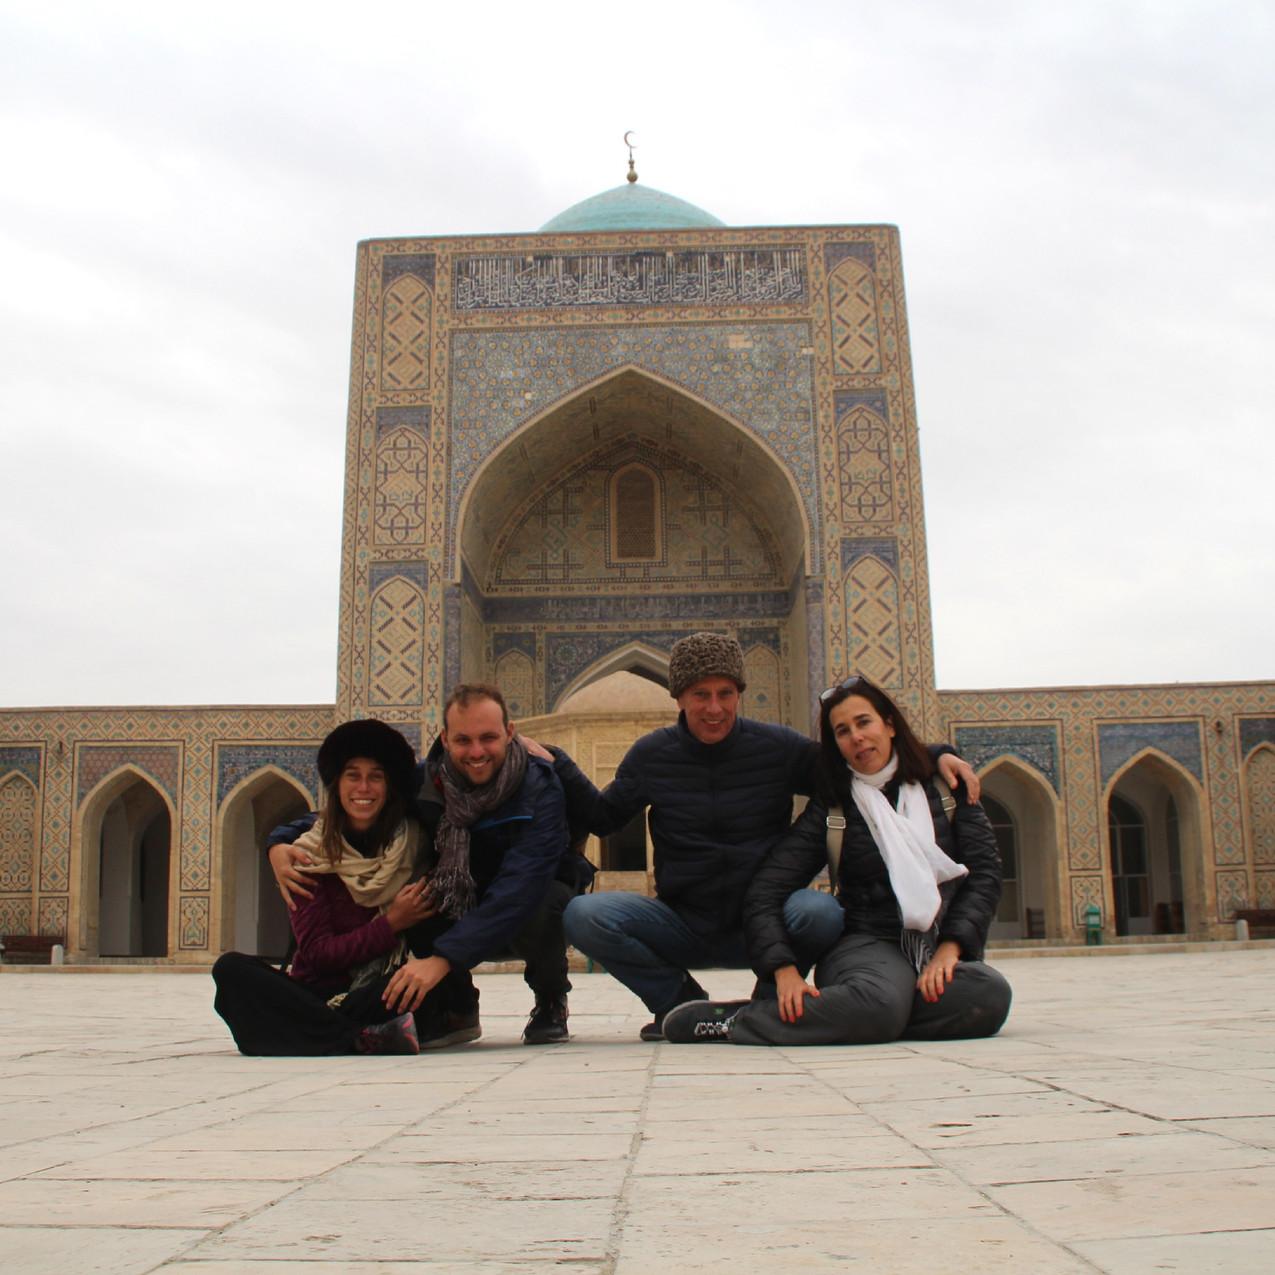 עם ההורים שלי בבוכרה, אוזבקיסטן